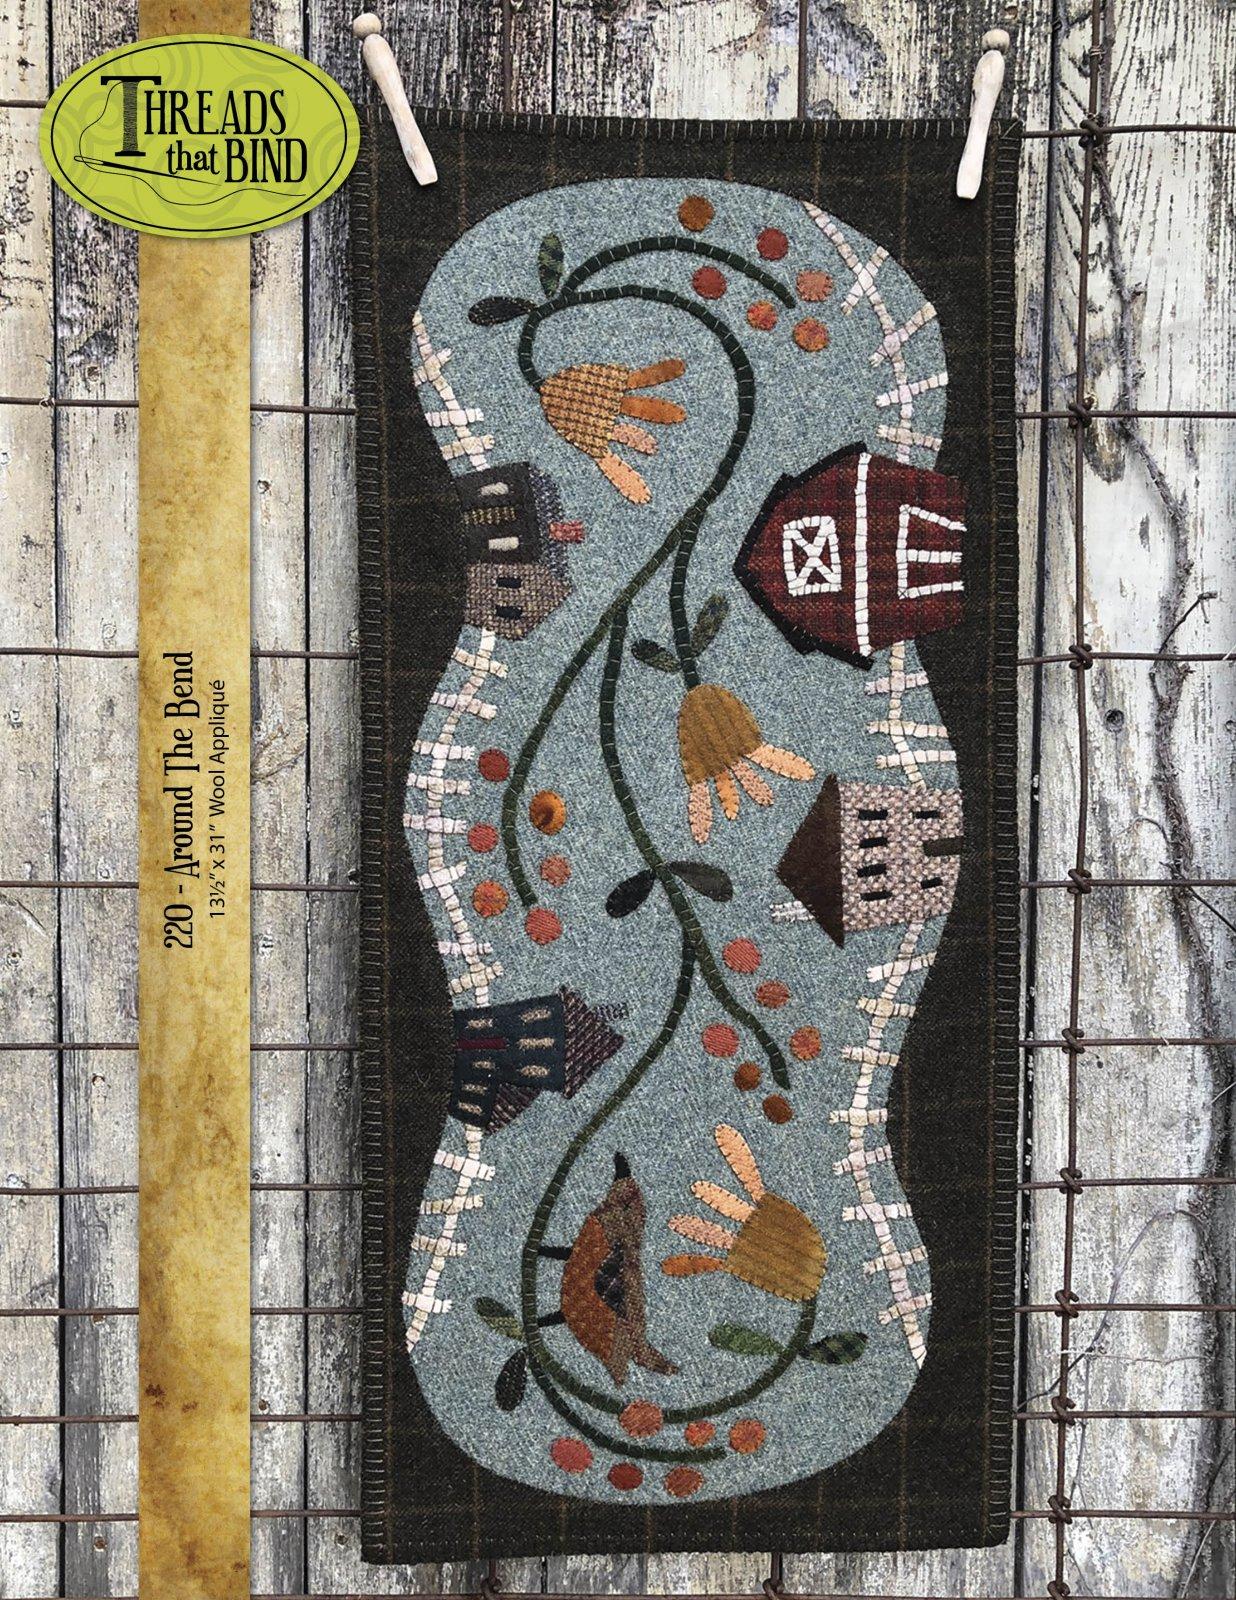 Around the Bend Pattern 13.5 X 31 Wool Applique Threads That Bind